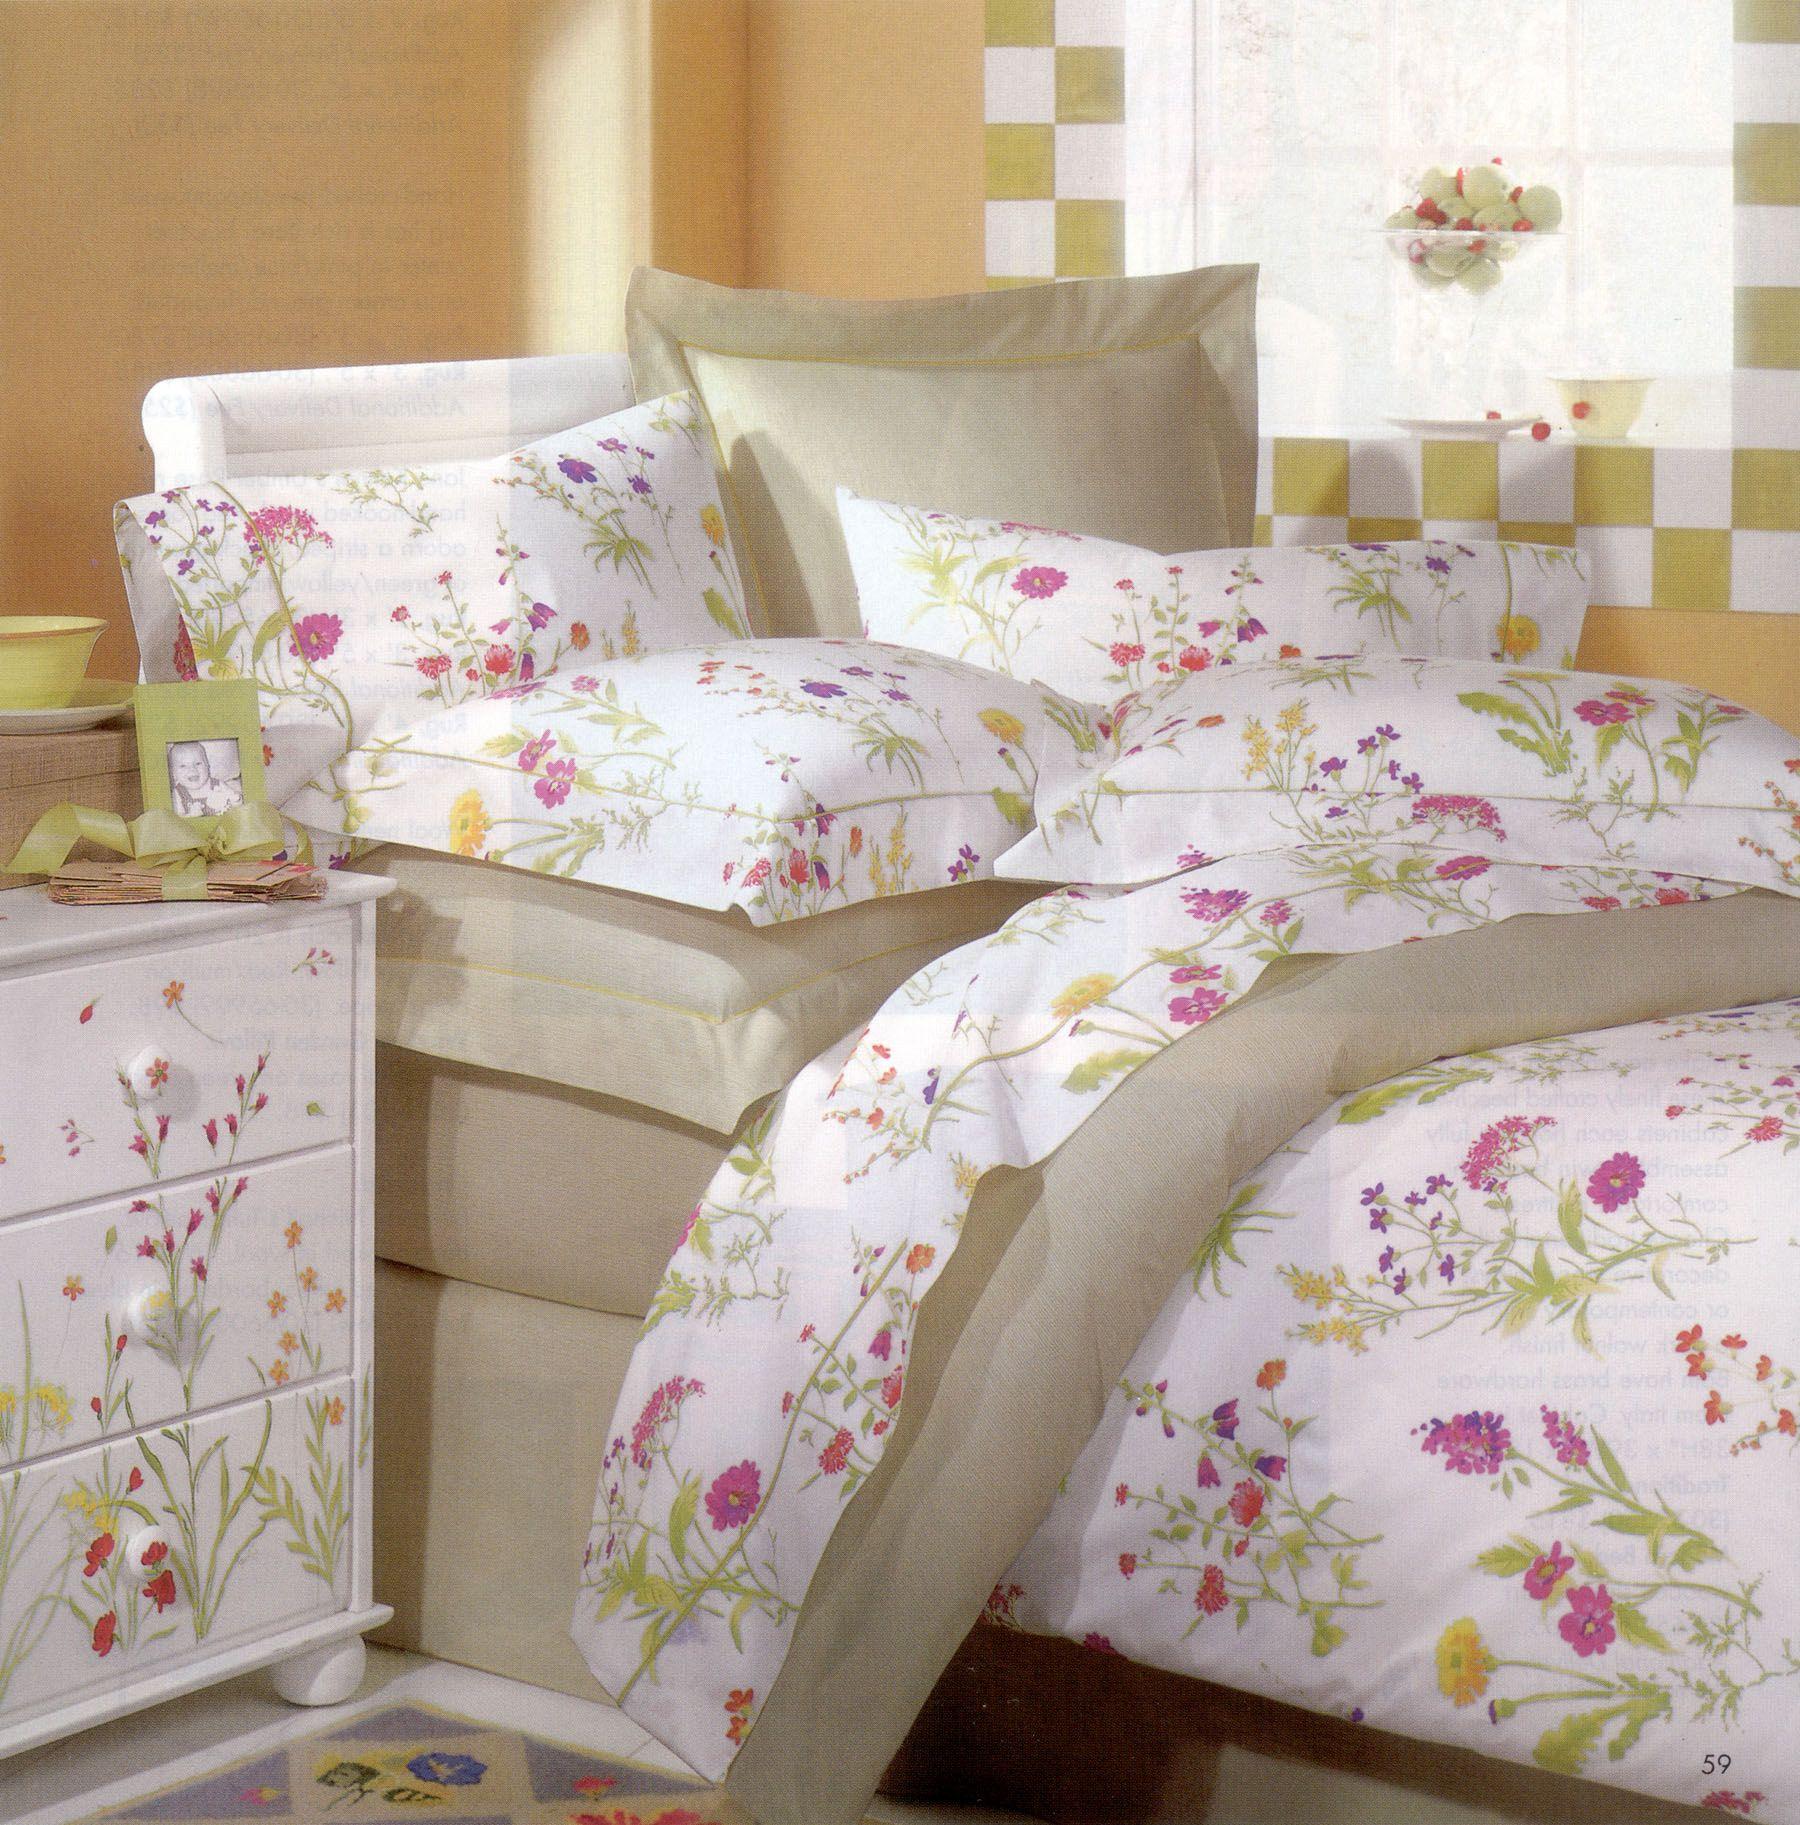 paule marrot linge de lit Paule Marrot Bedding | Bedding | Pinterest paule marrot linge de lit